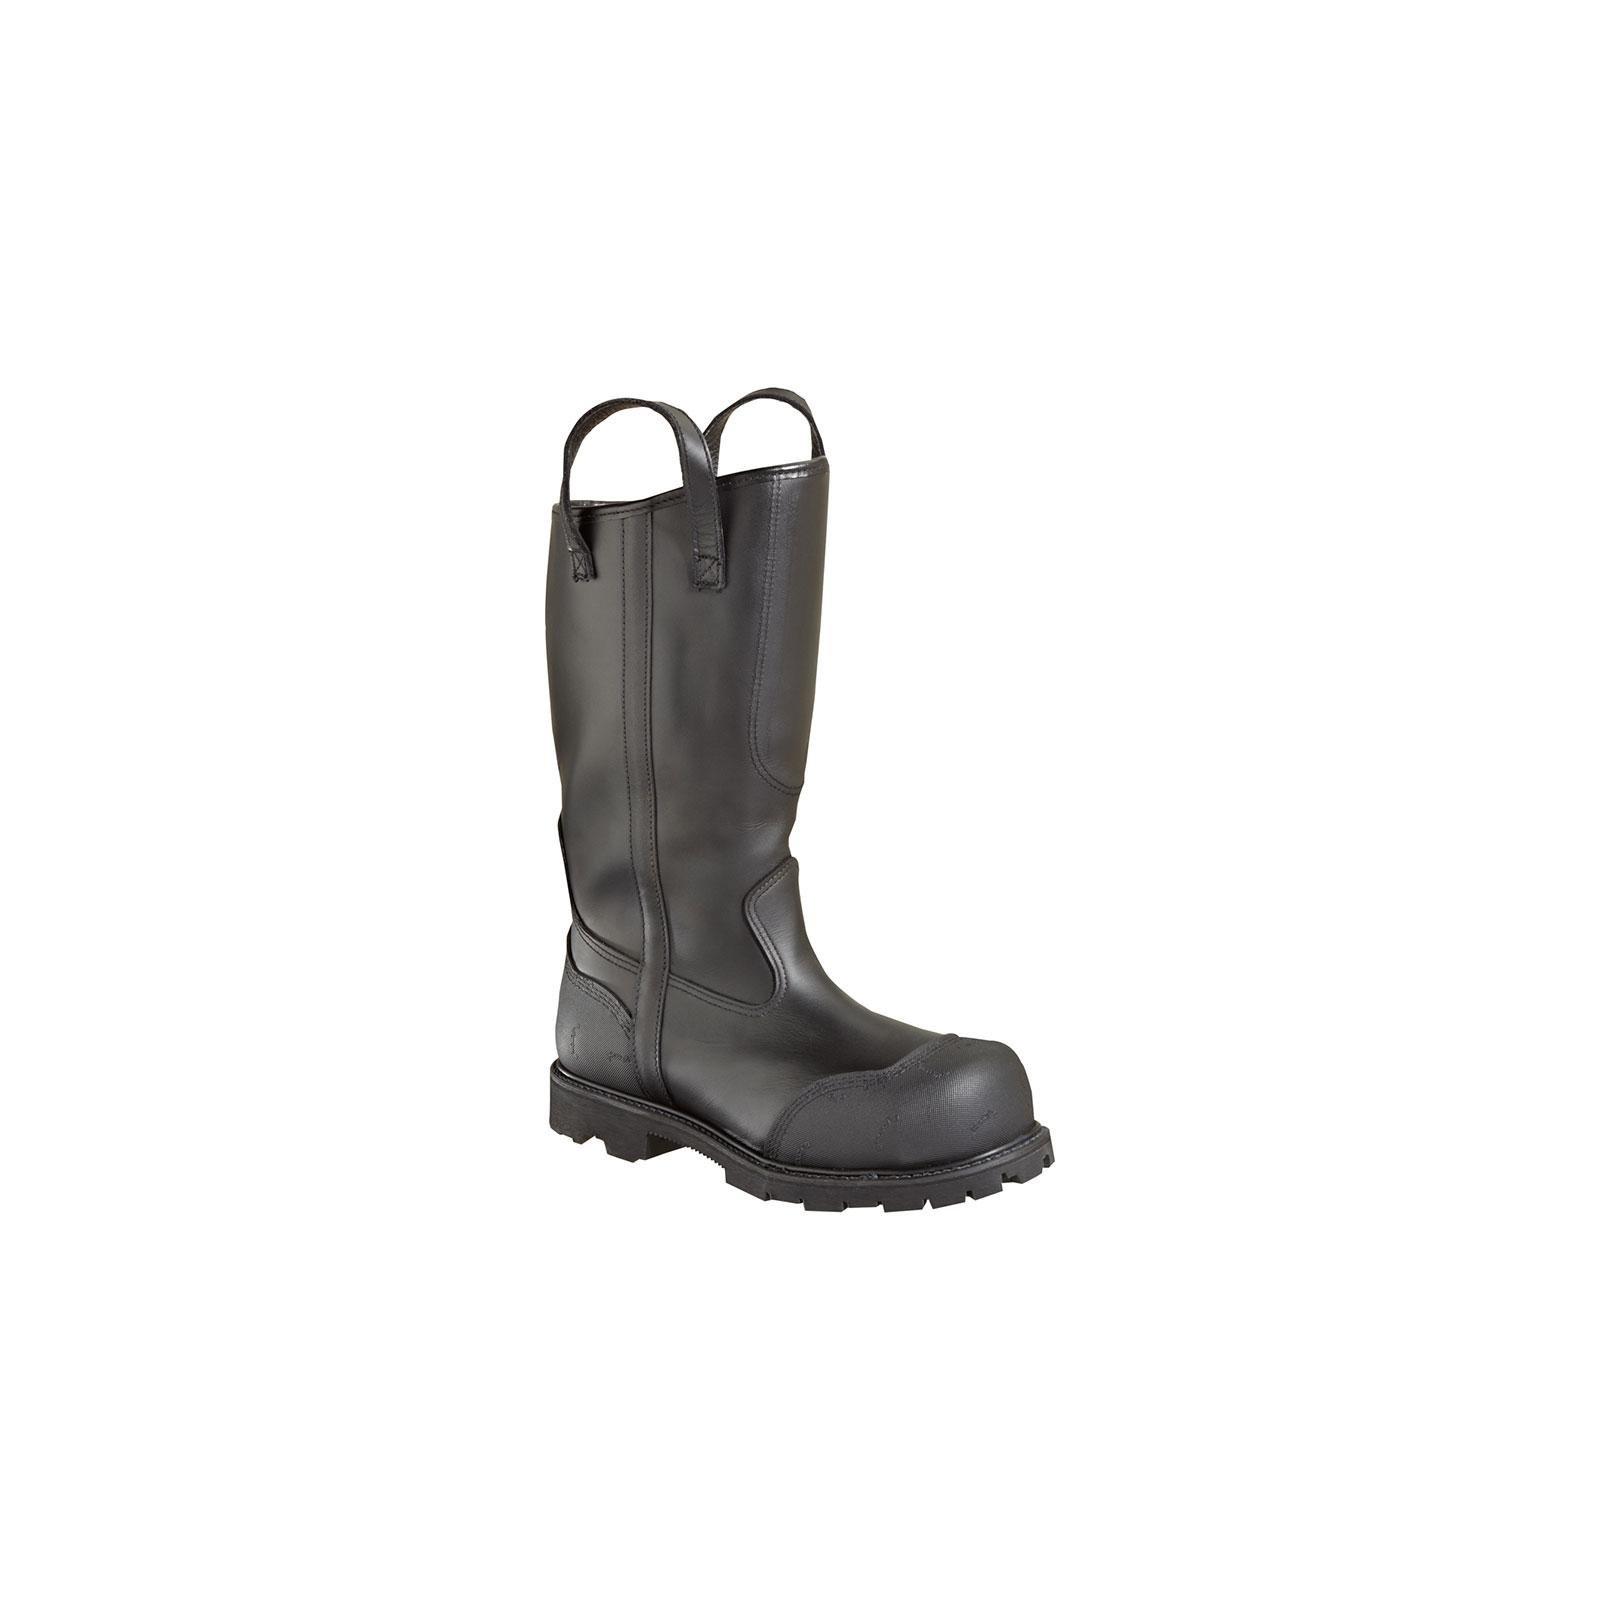 Women's Thorogood 14 inch Structural Firefighting Oblique Steel Toe Waterproof Bunker Boots, BLACK, 10W